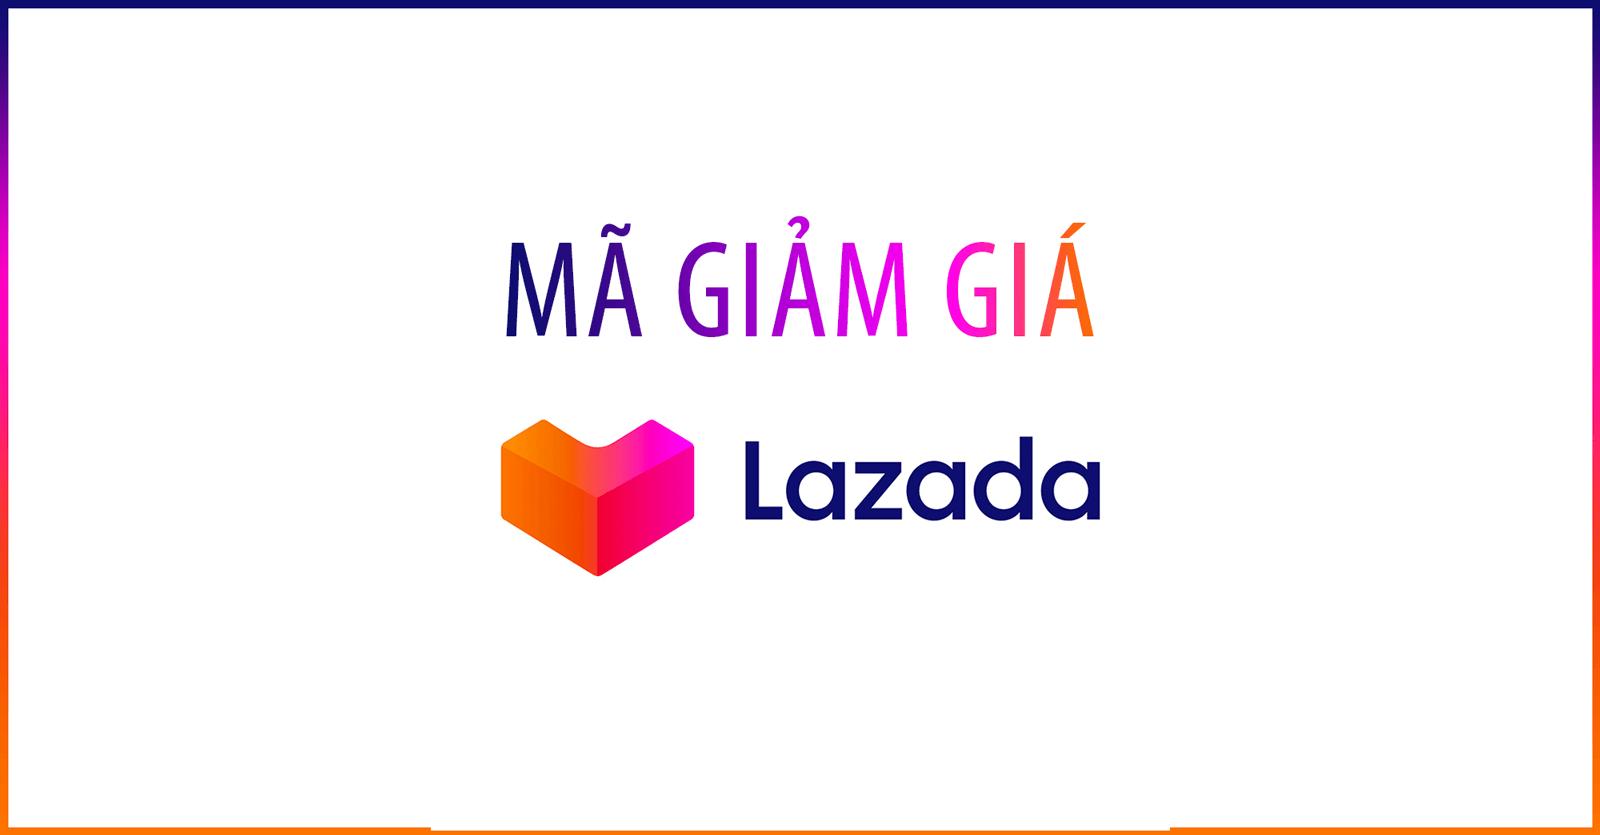 Có nhiều loại mã giảm giá khác nhau tại Lazada được tung ra thường xuyên